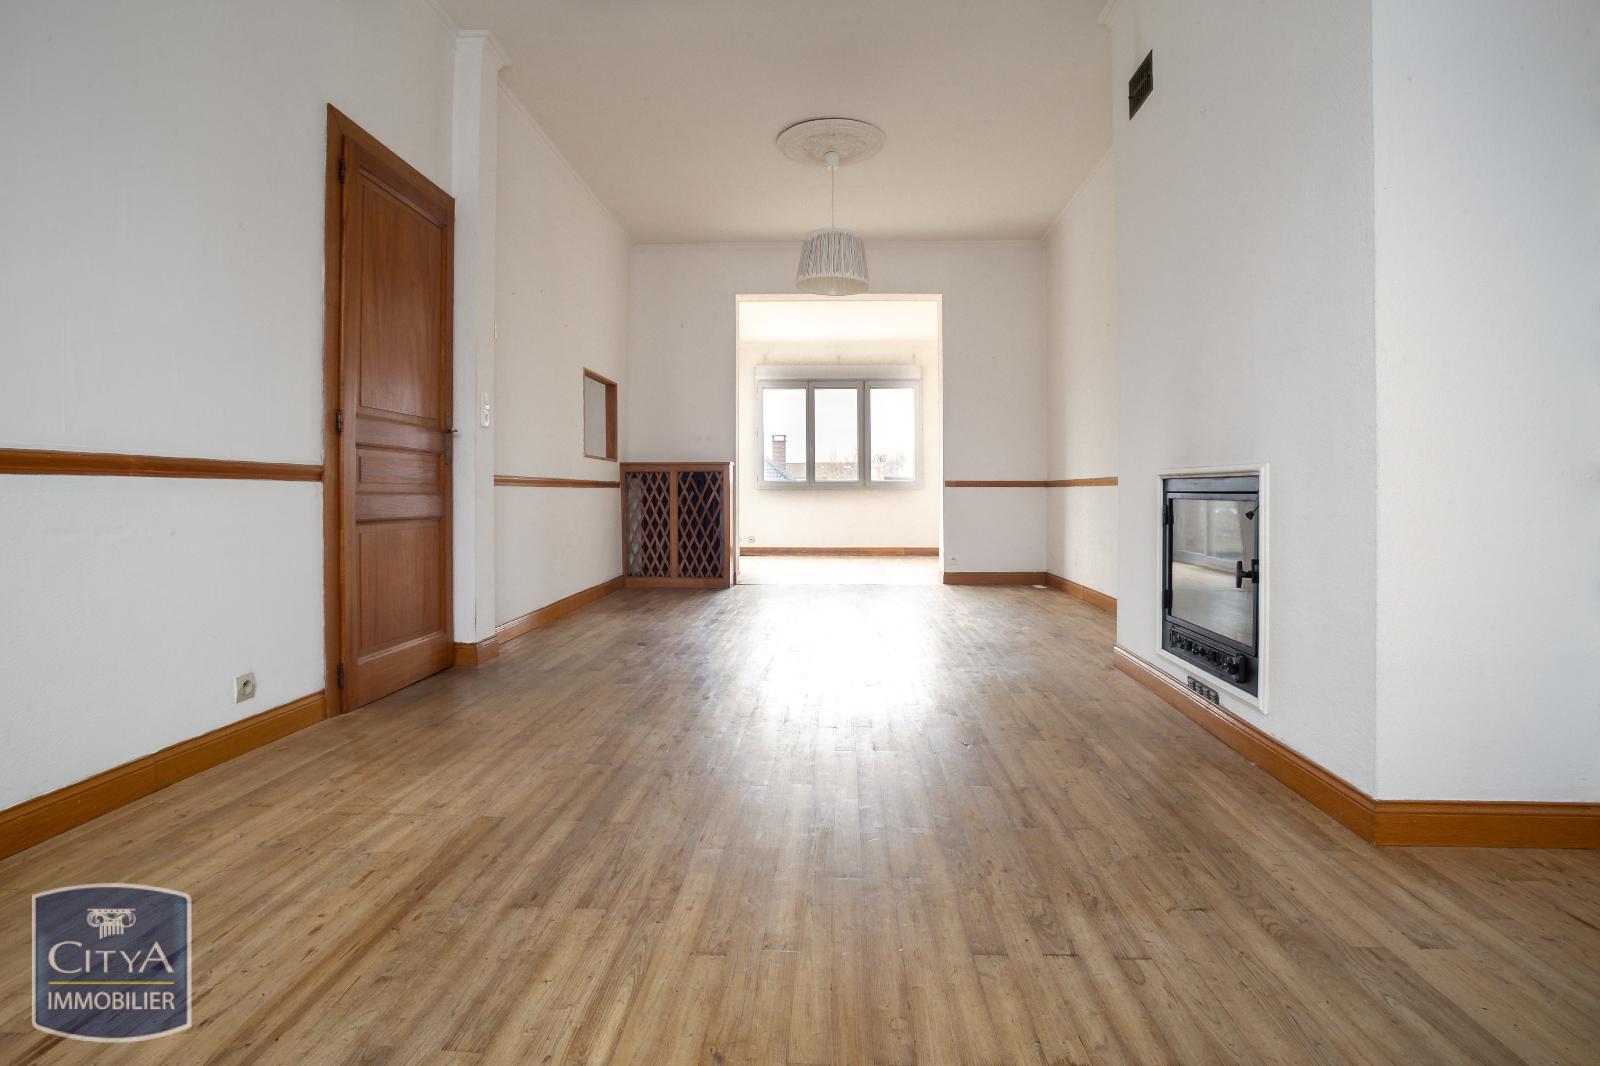 Maison/villa 130 m²